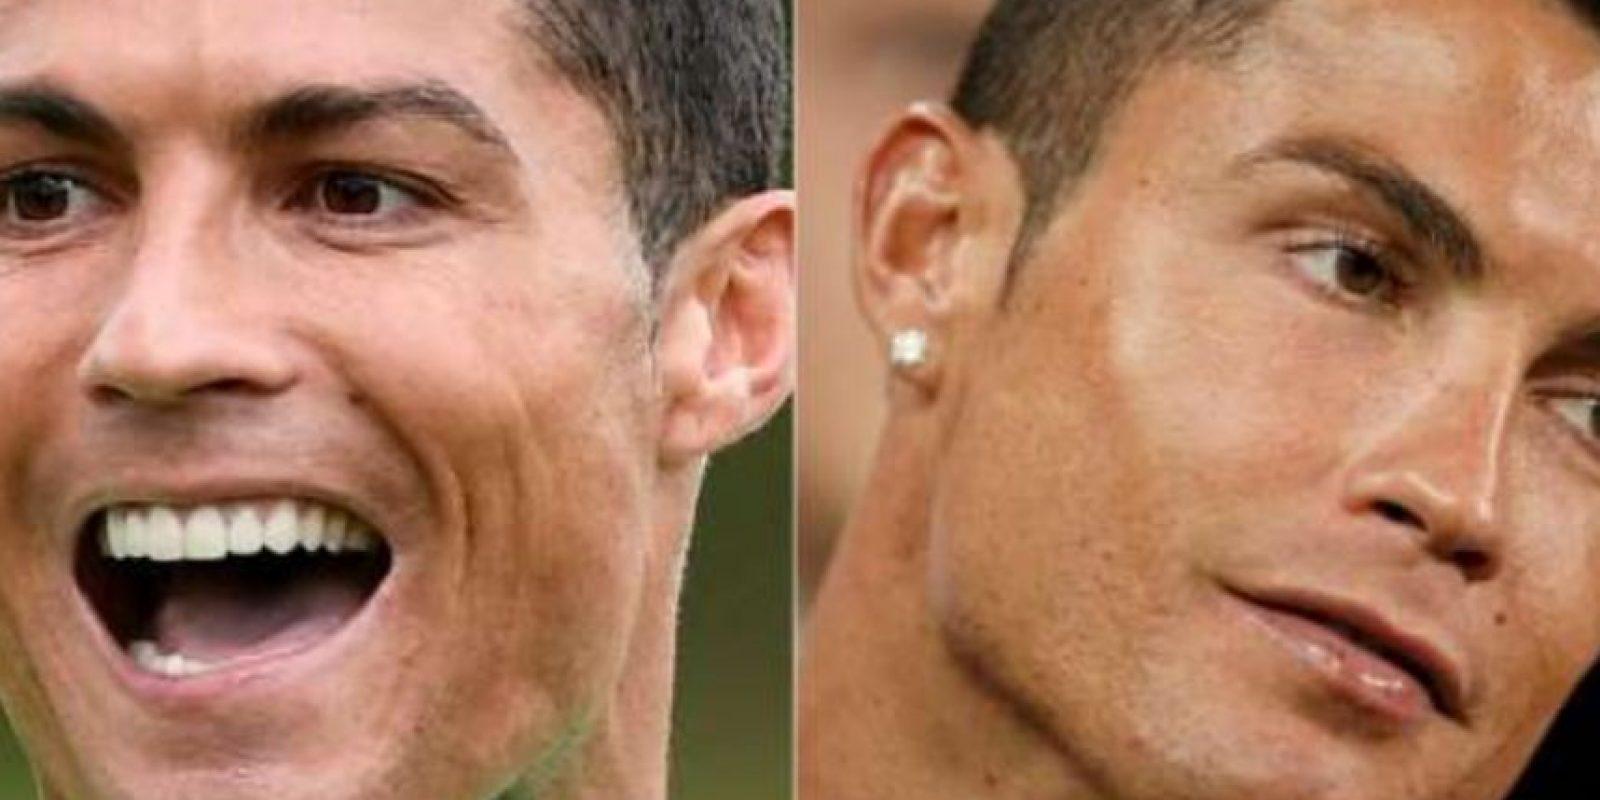 Aseguran que Cristiano Ronaldo utiliza pestañas postizas Foto:Twitter